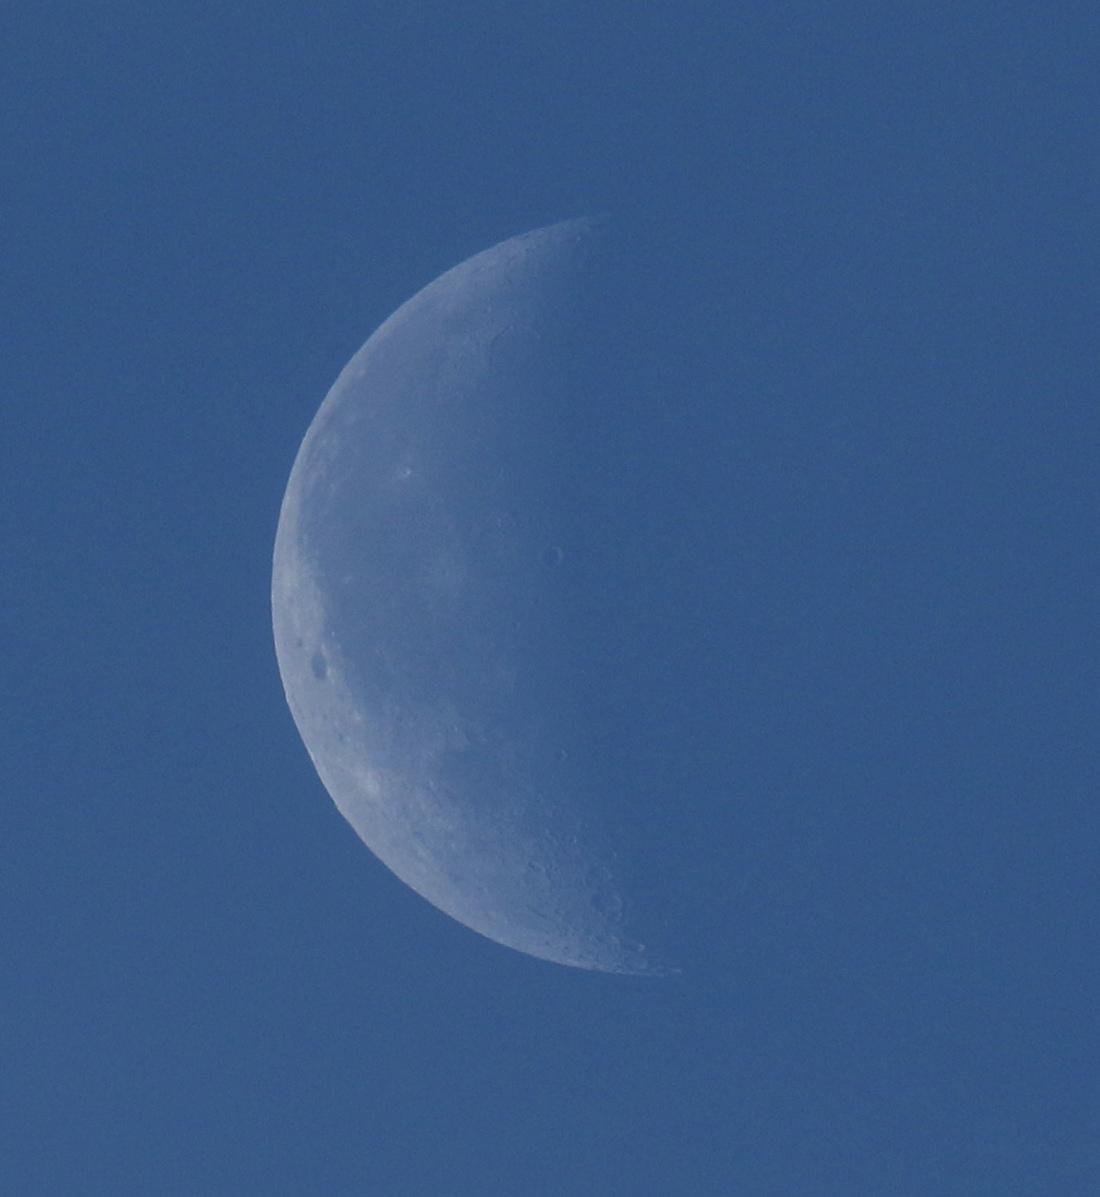 la lune, au matin du 09/05/2018 (42566.67JPG)